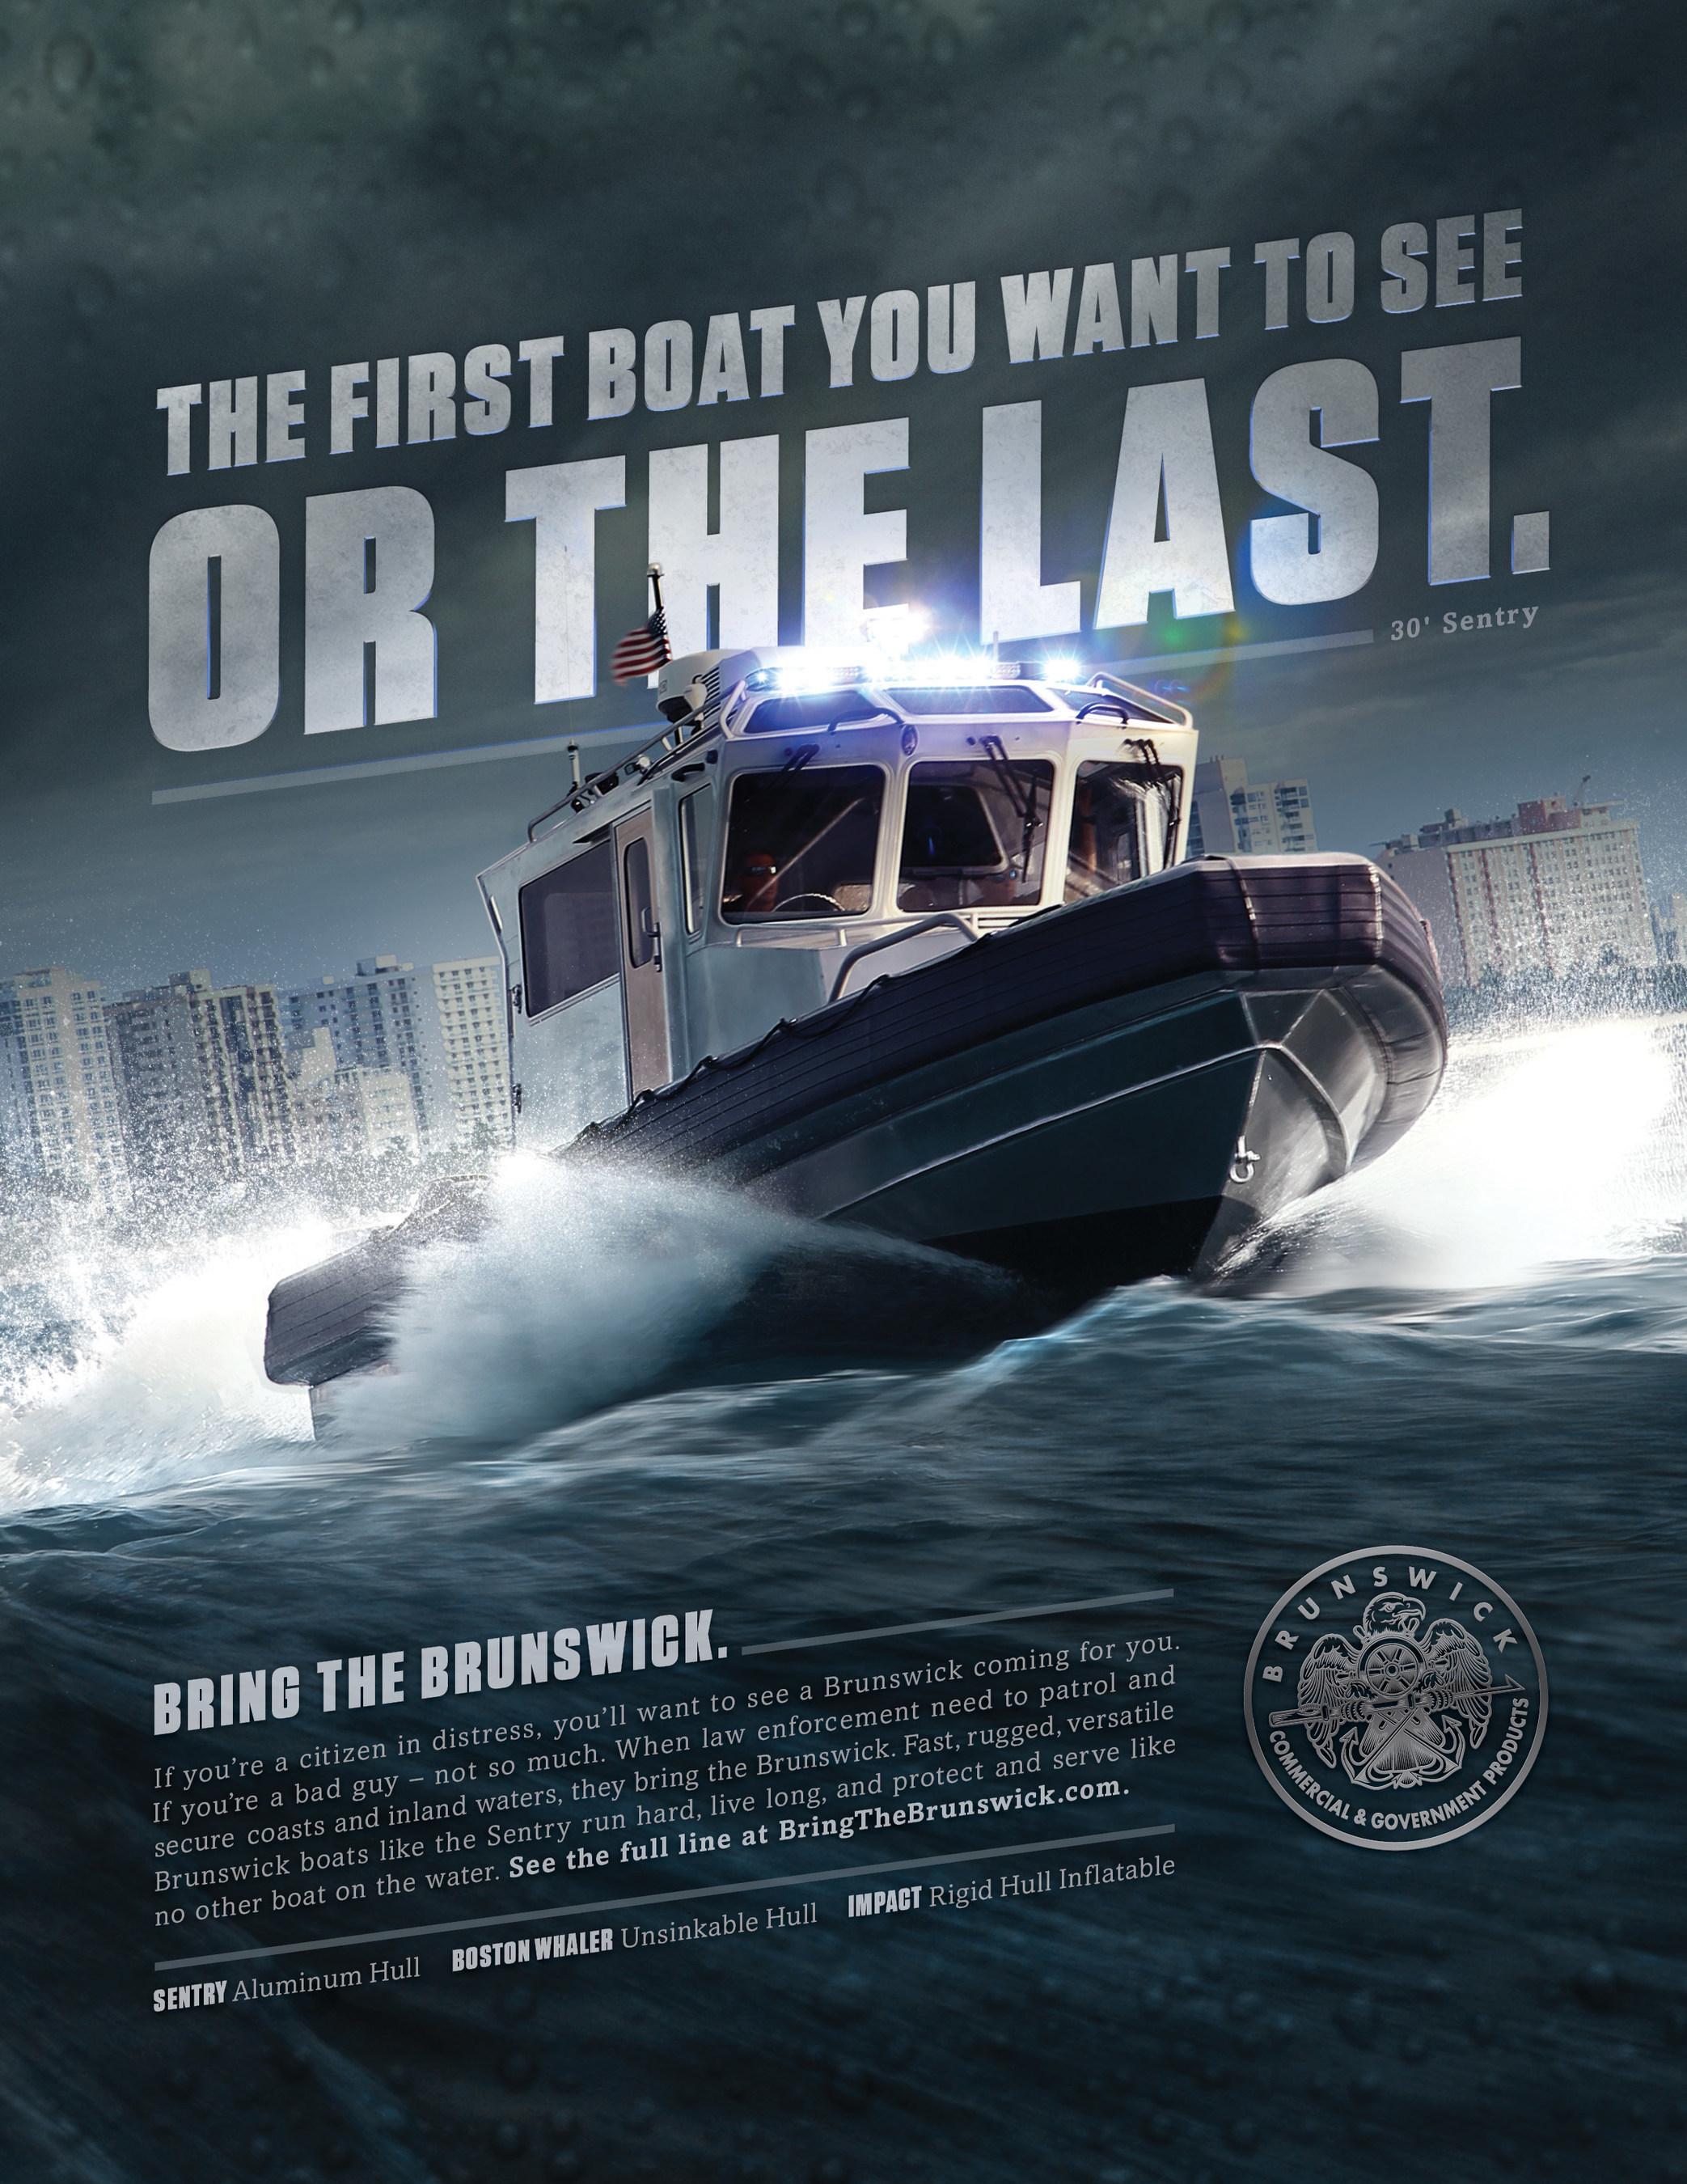 Florida-Based Boat Manufacturer Selects Sullivan Higdon